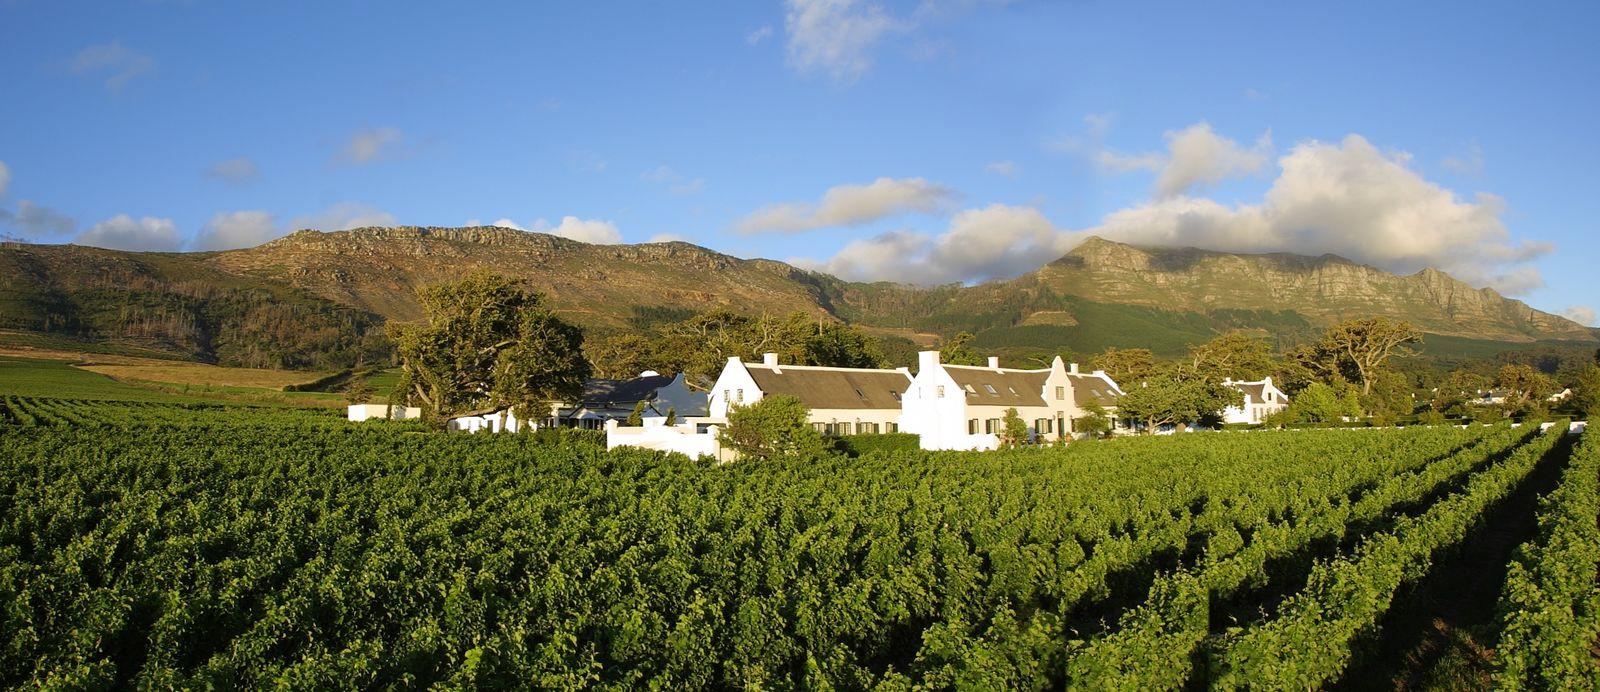 Culinaire tips voor verblijf in Stellenbosch - AmbianceTravel